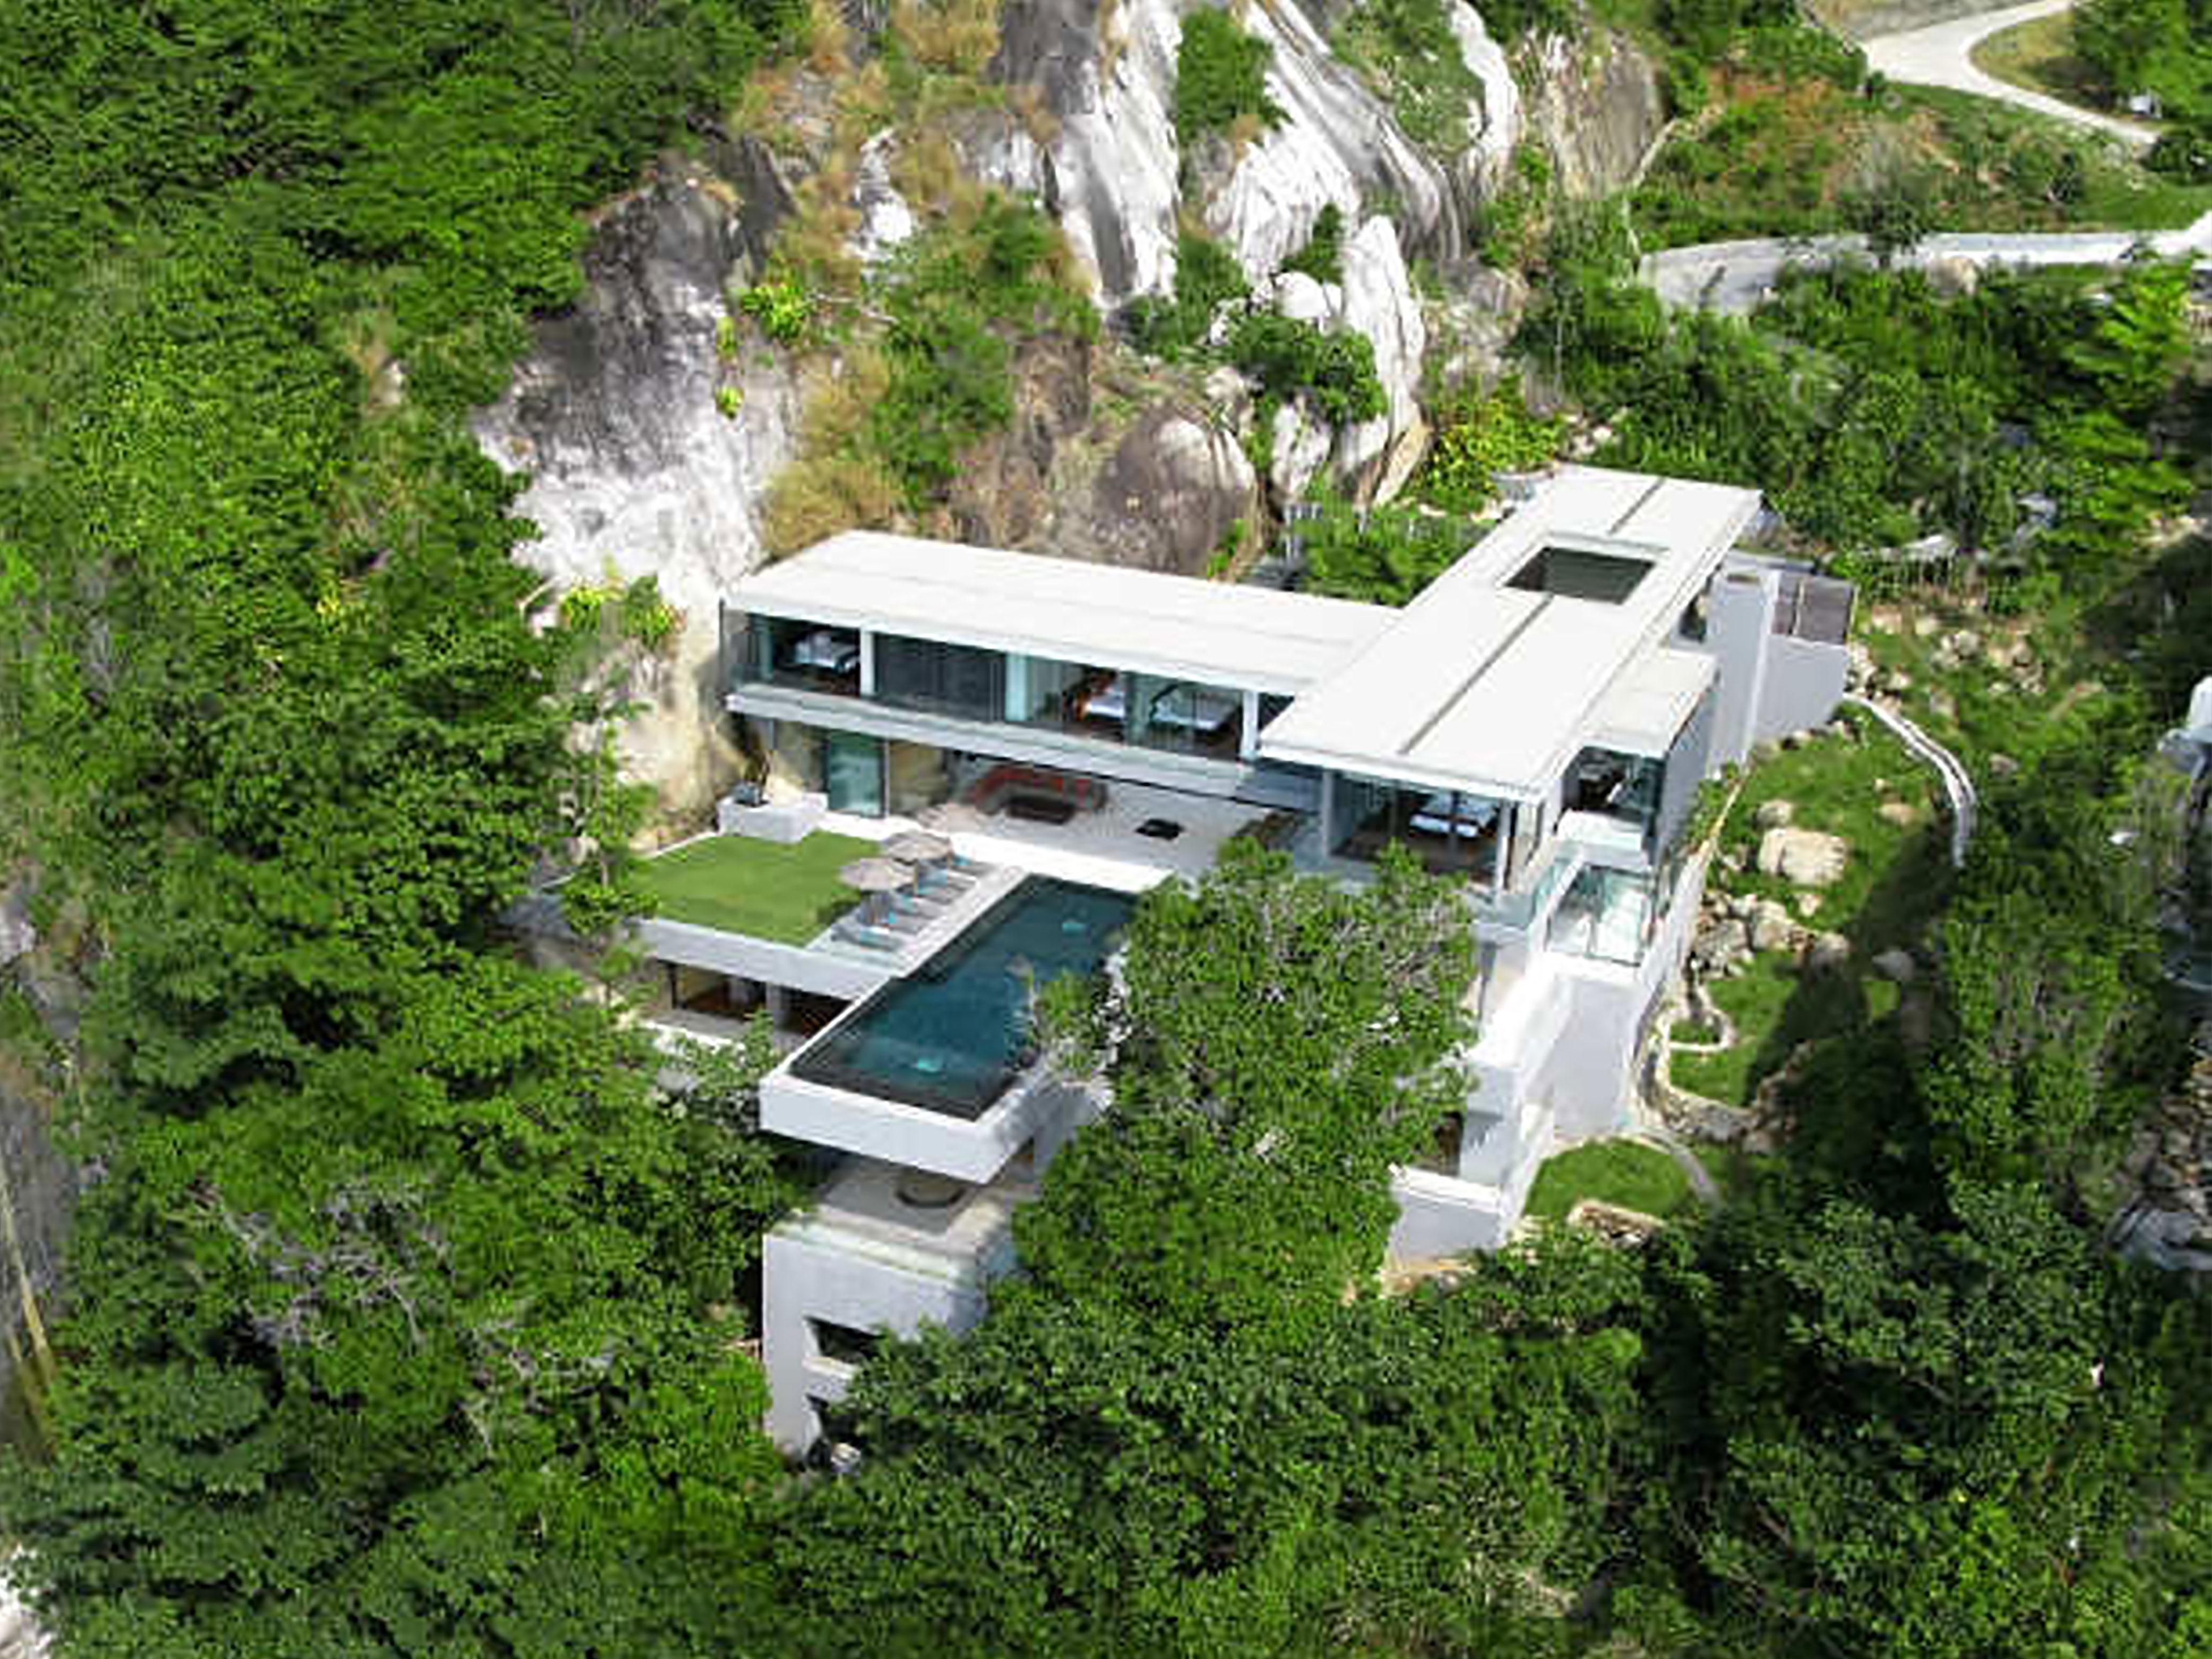 La luxueuse villa amanzi nich e au coeur d 39 une falaise - La maison wicklow hills par odos architects ...